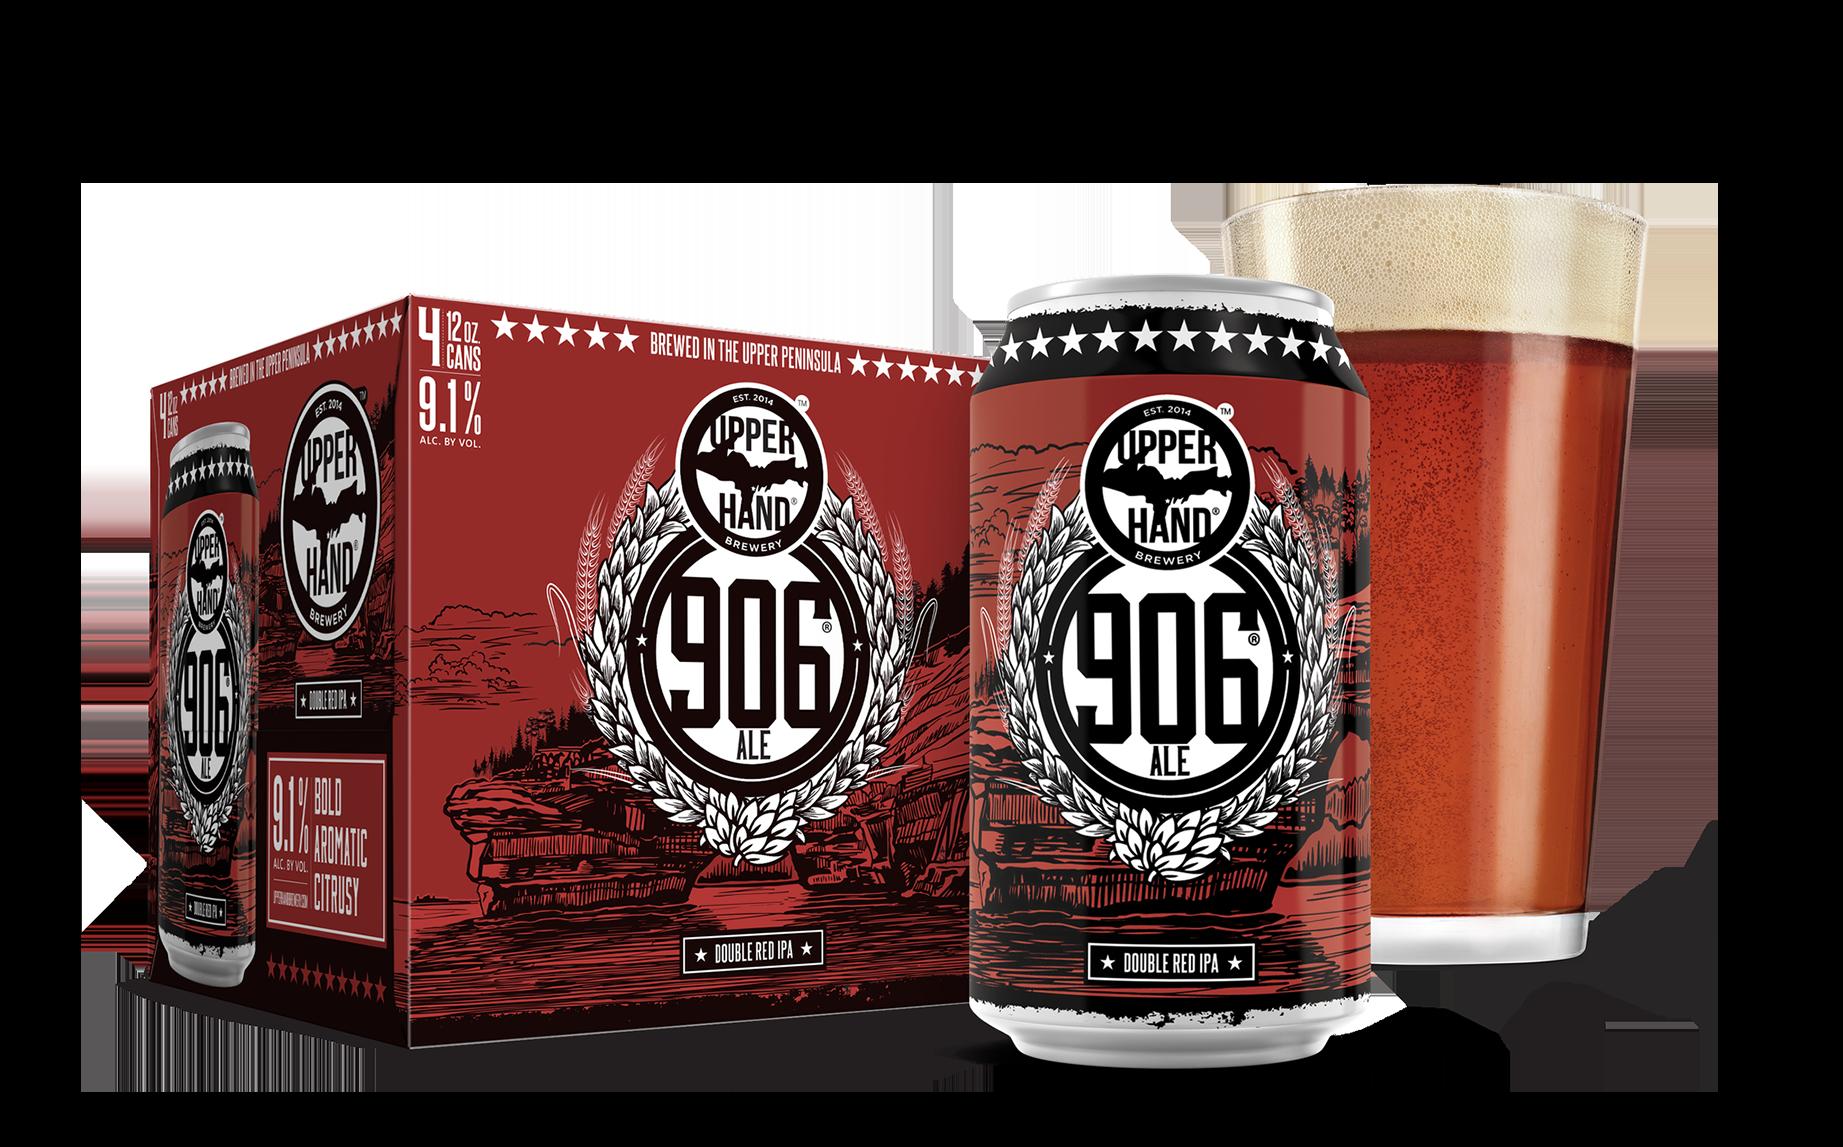 906 Ale Brand Rendering